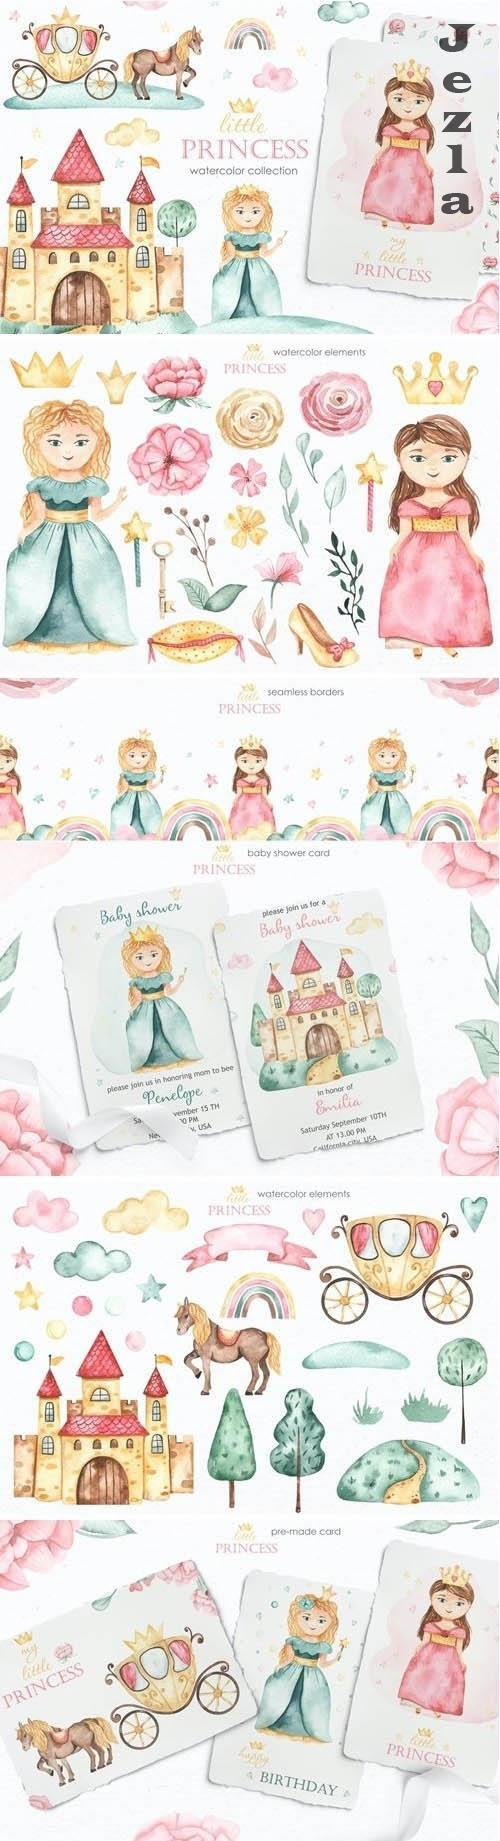 Little princess watercolor - 5660302